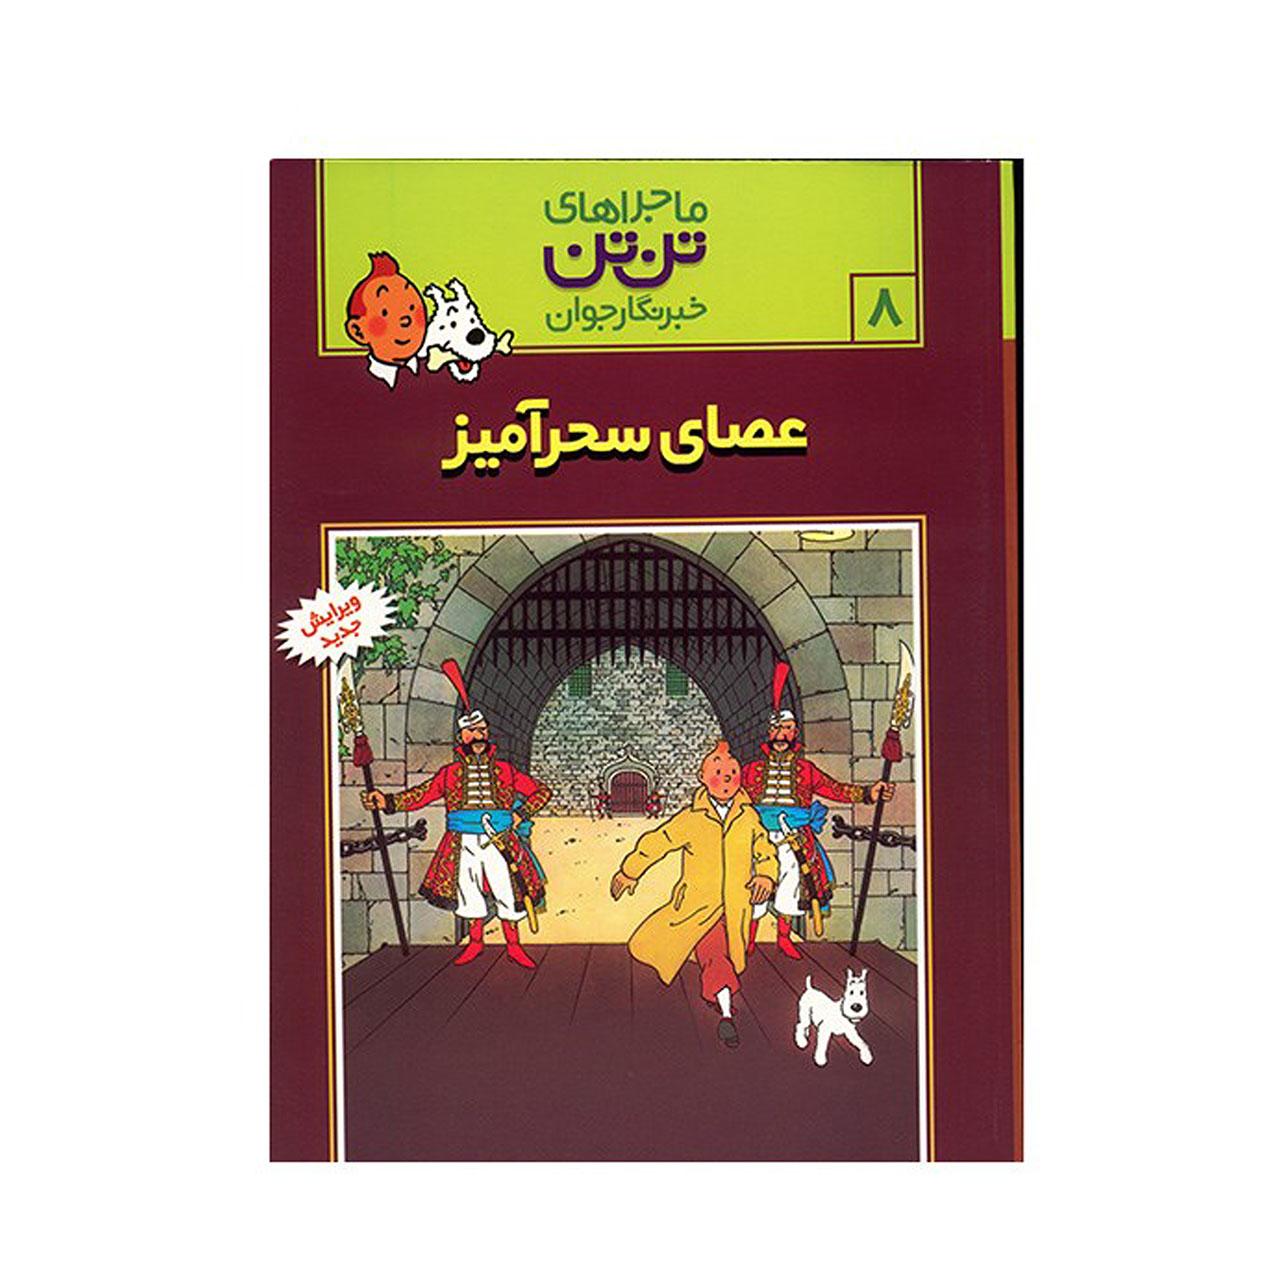 خرید                      کتاب عصای سحر آمیز، ماجراهای تن تن خبرنگار جوان 8 اثر هرژه